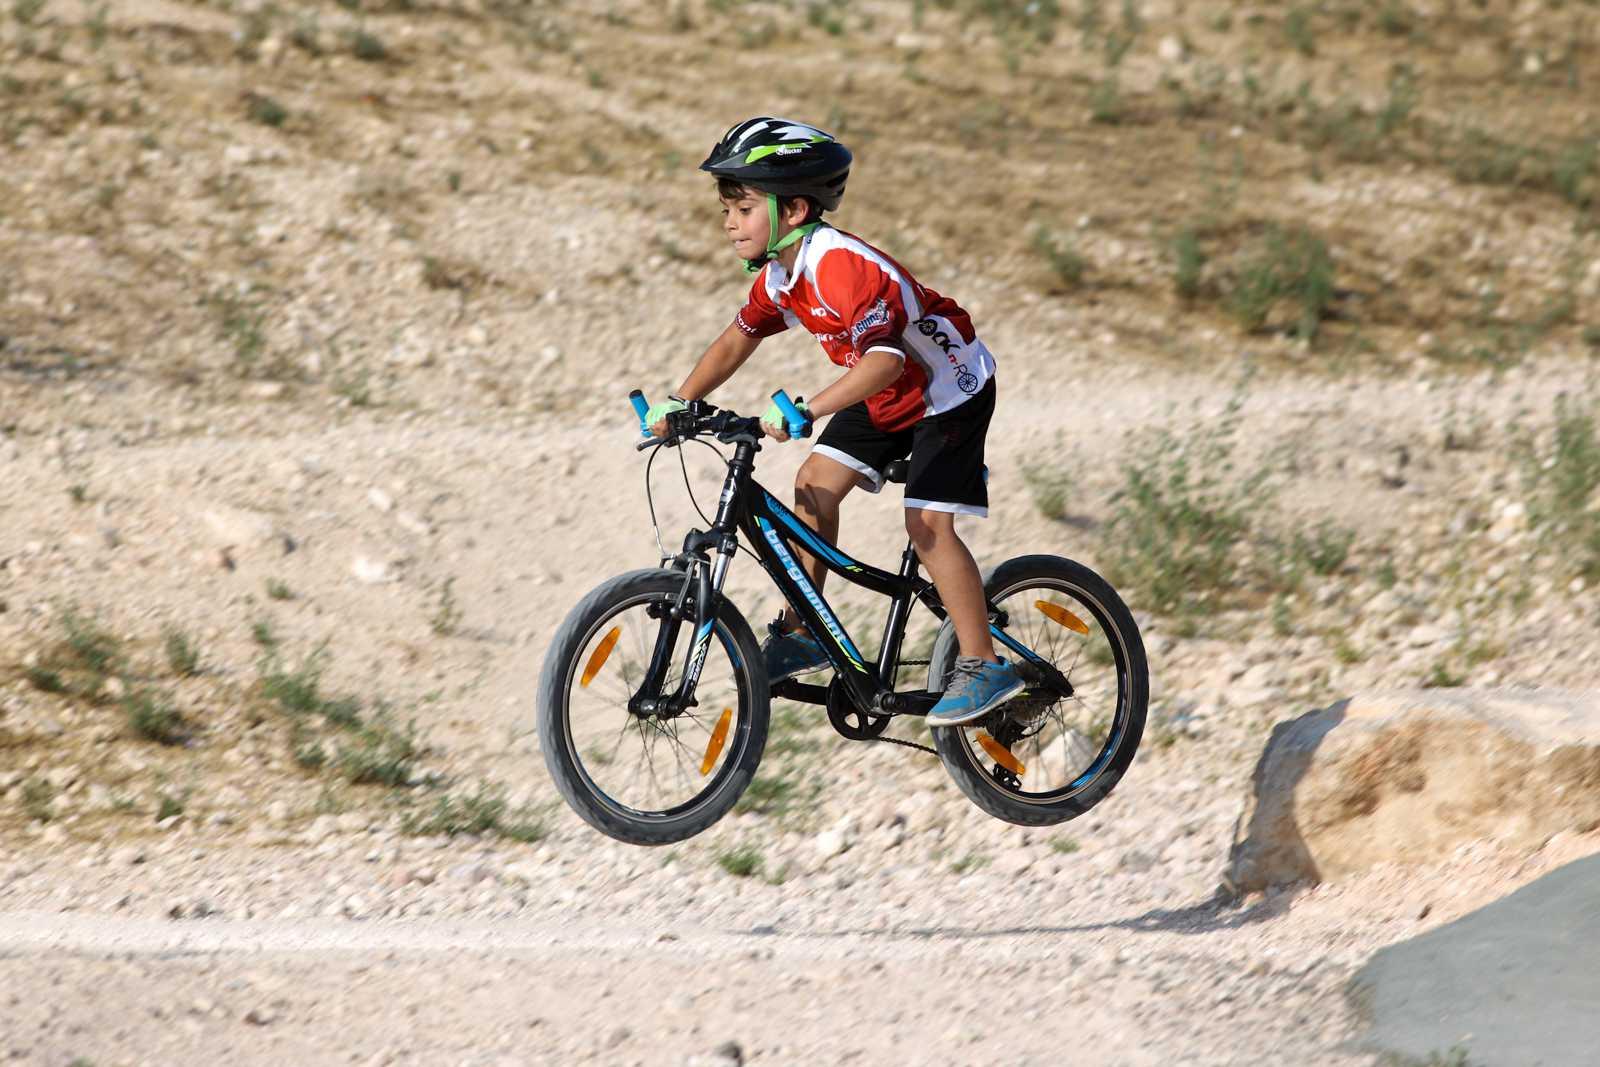 10 פריטים שיהפכו את חווית הרכביה על האופניים למשהו שתרצו לחזור עליו. צילום: תומר פדר